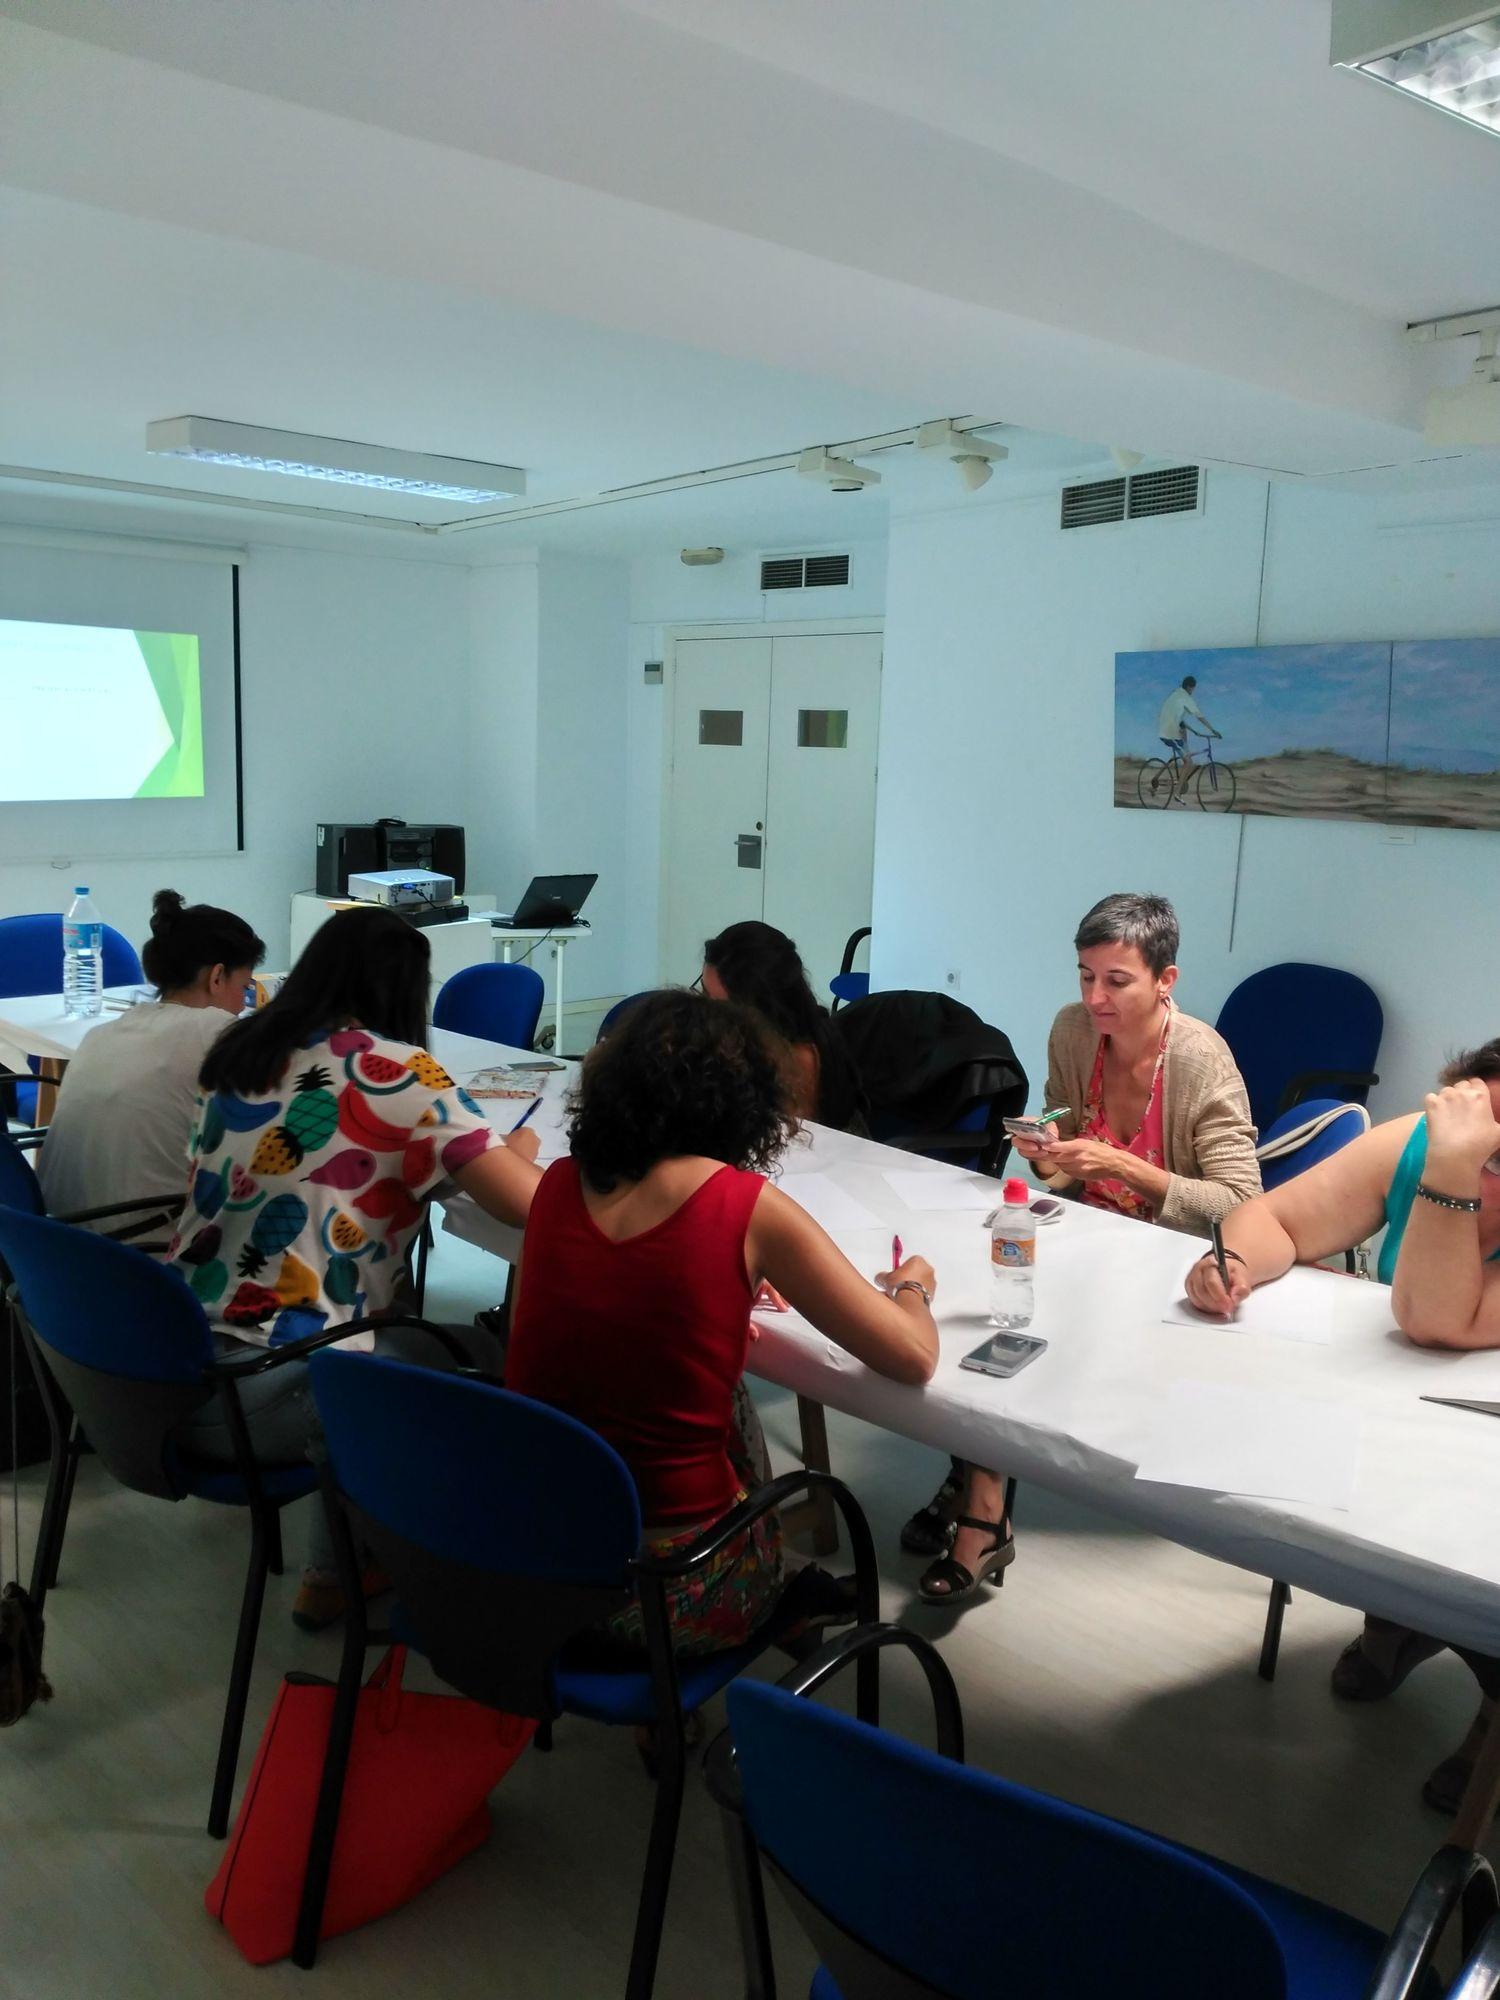 Cómo presentar un proyecto creativo empresarial   Noticias de #Almeria